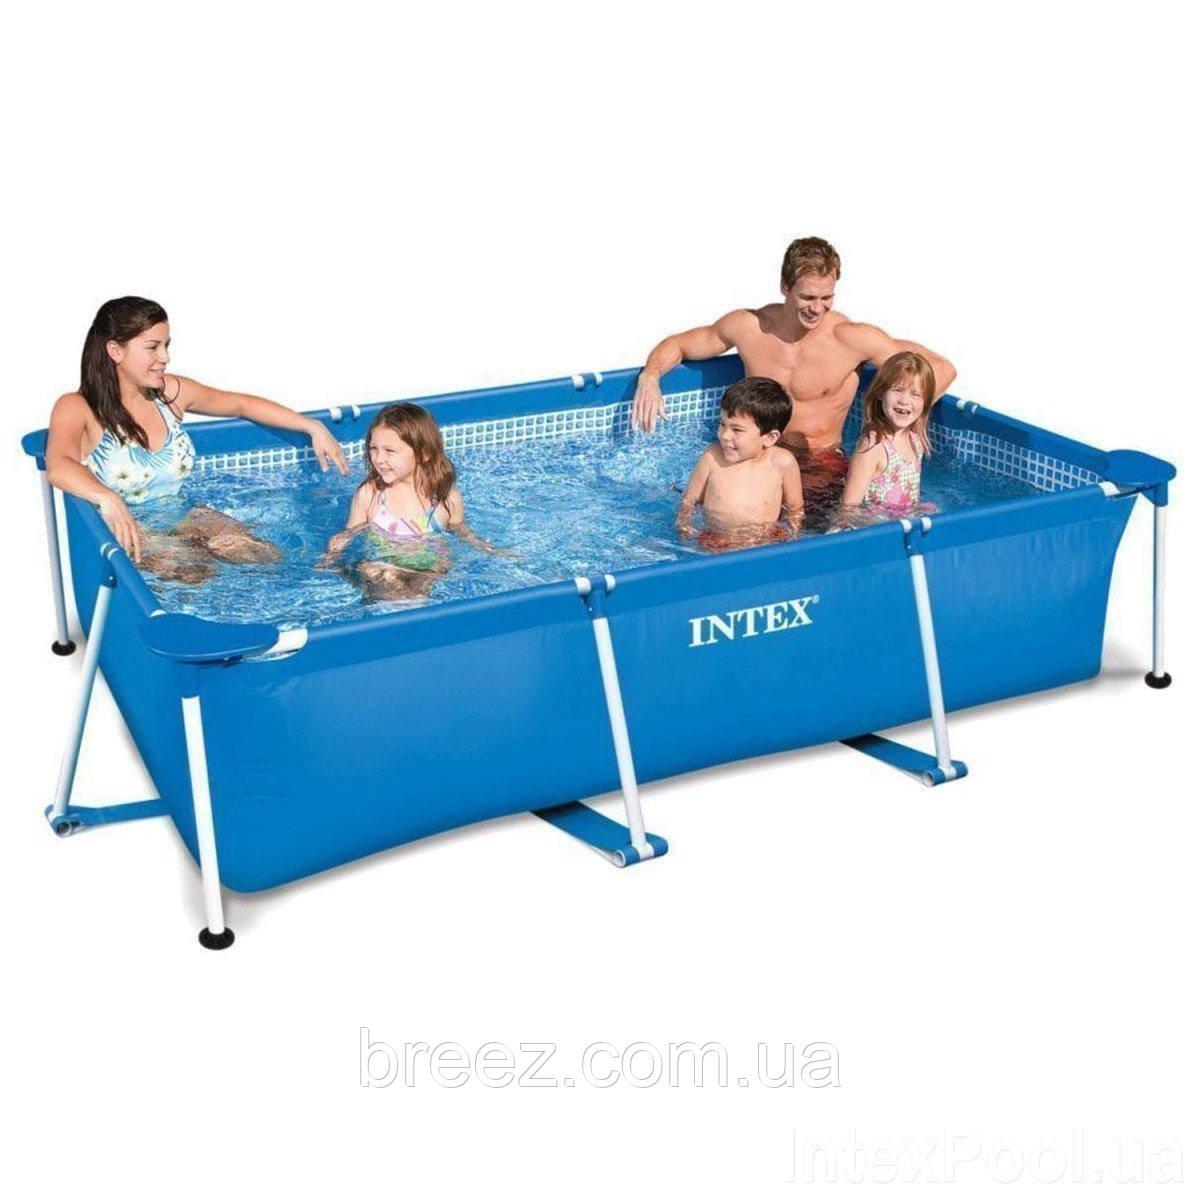 Каркасный бассейн Intex 260 х 160 х 65 см